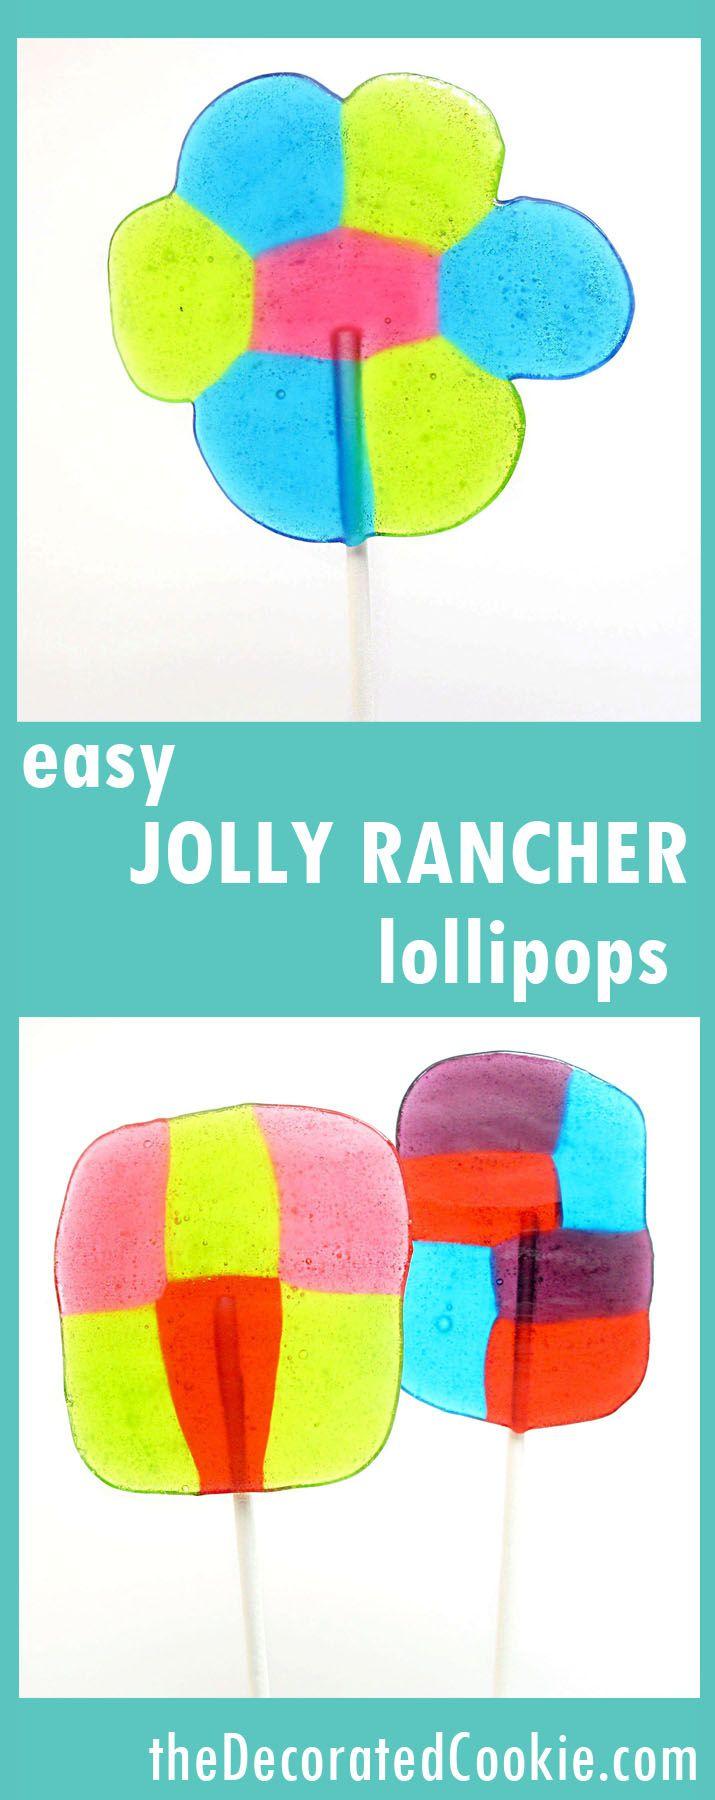 easy JOLLY RANCHER lollipops